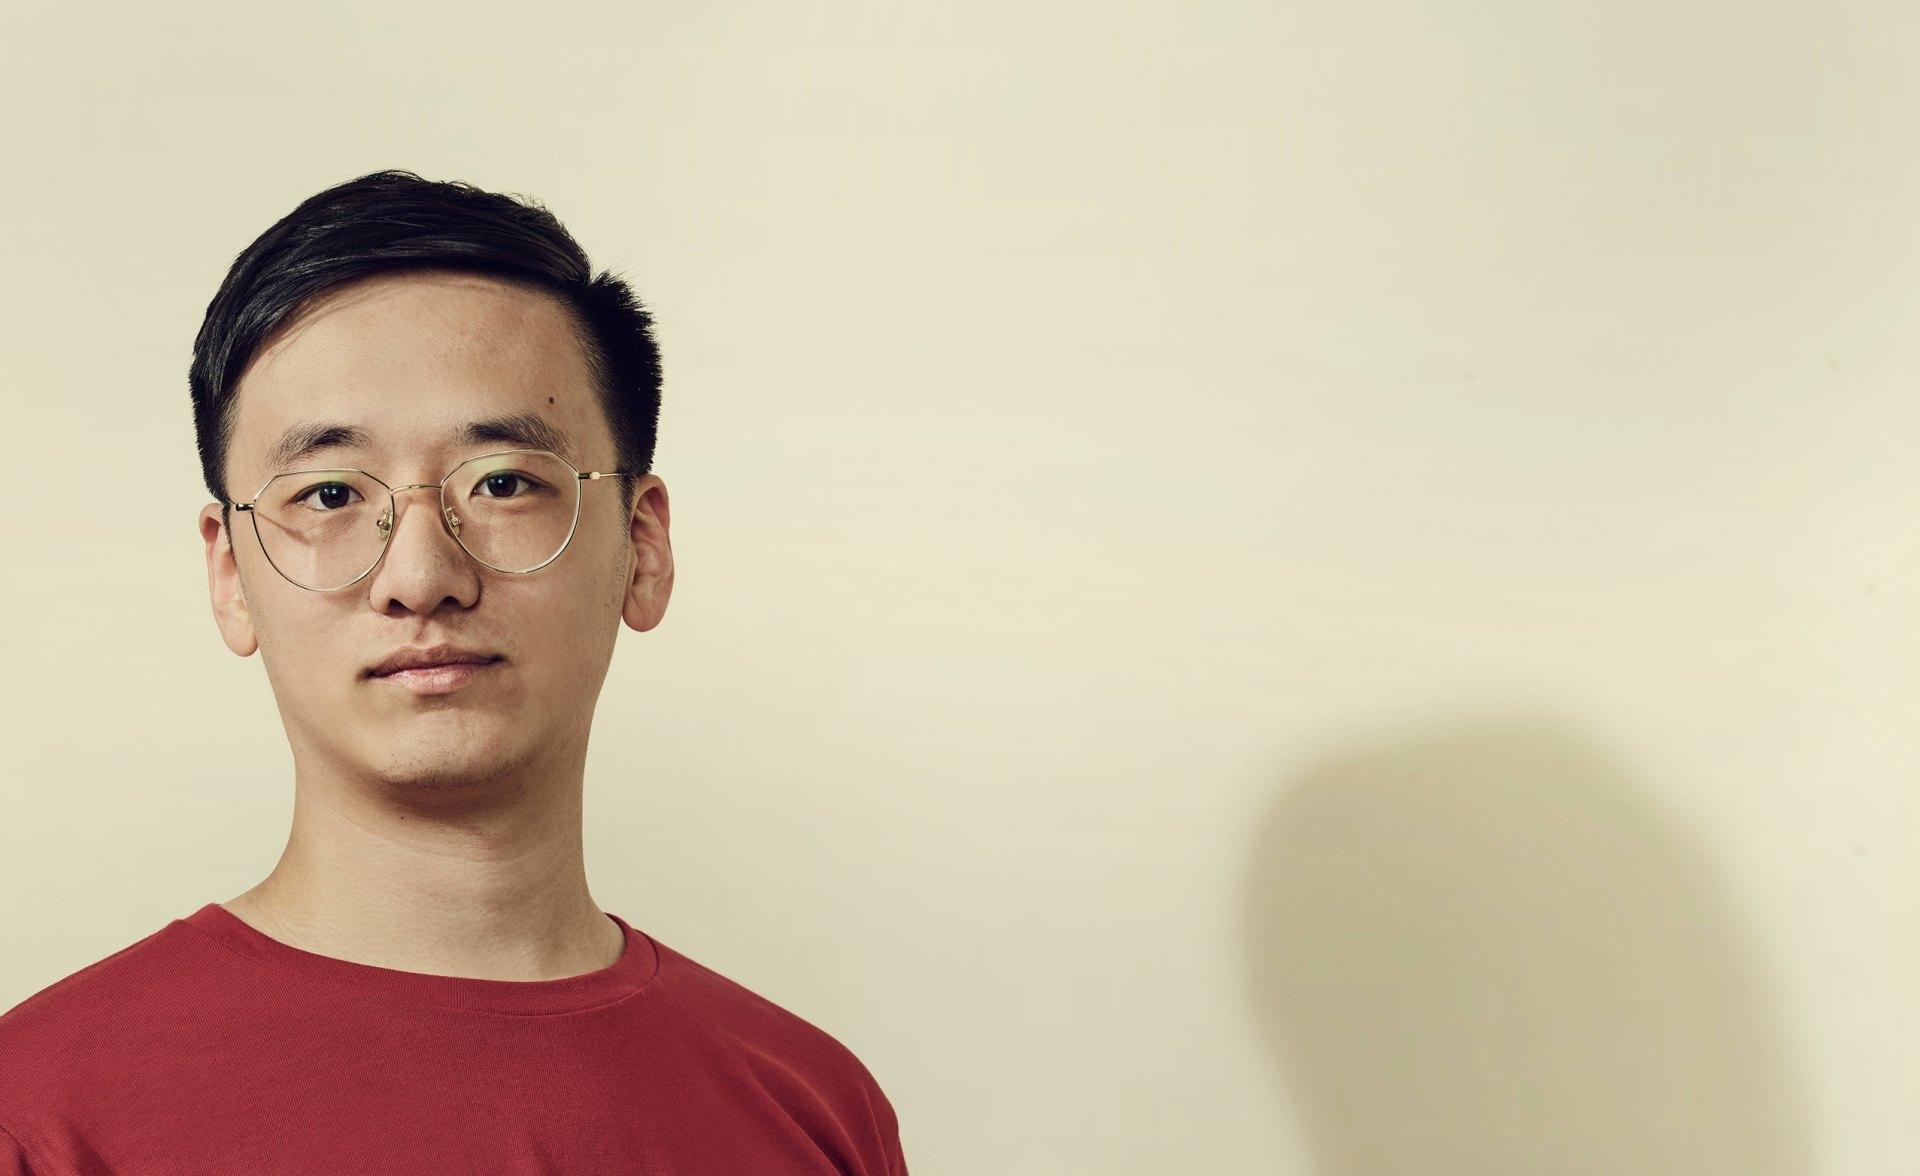 利用内驱力来做事,专访 WWDC 奖学金获得者宋奎熹